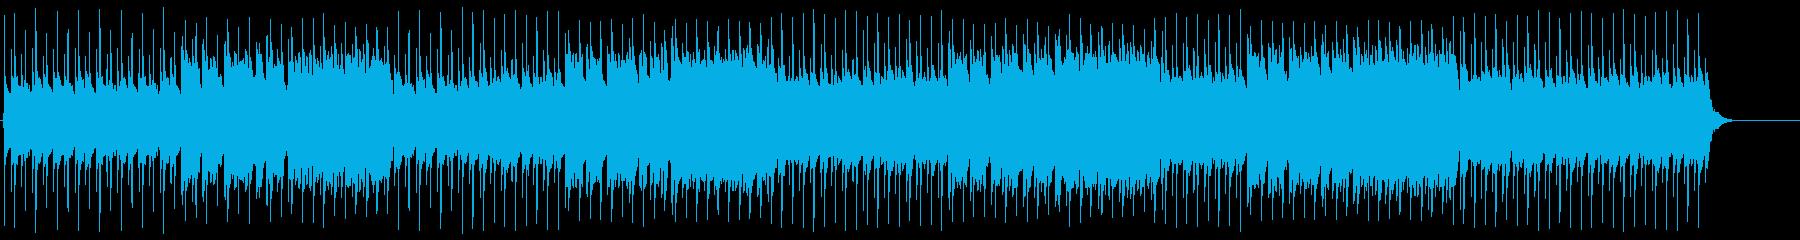 まったりと和やかなポップサウンドの再生済みの波形